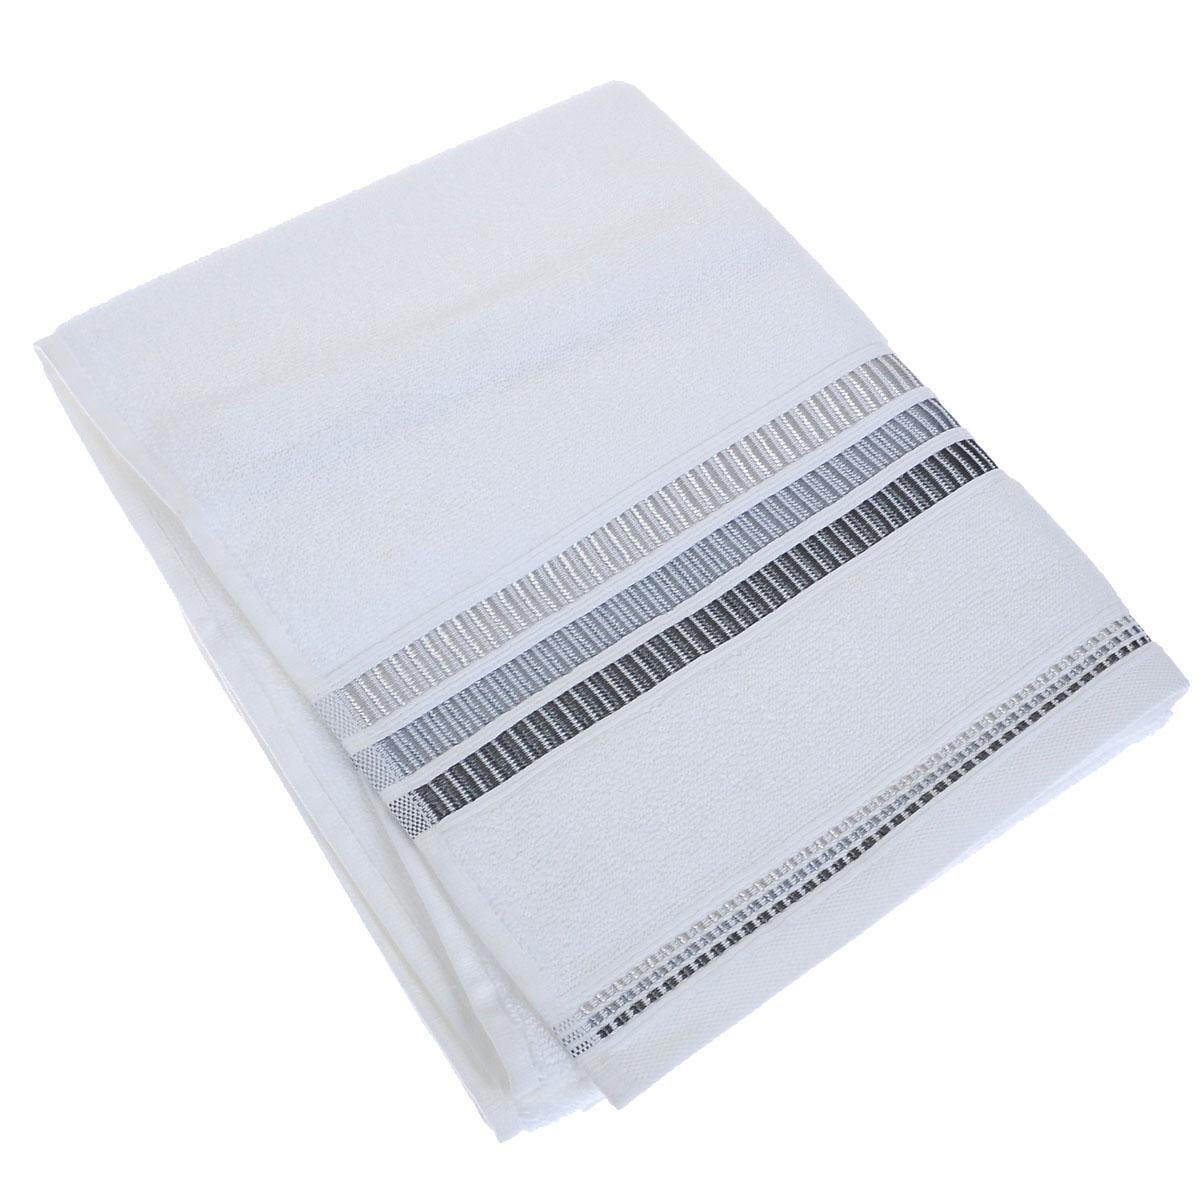 Полотенце махровое Coronet Пиано, цвет: белый, 50 см х 90 смБ-МП-2020-01-01Махровое полотенце Coronet Пиано, изготовленное из натурального хлопка, подарит массу положительных эмоций и приятных ощущений. Полотенце отличается нежностью и мягкостью материала, утонченным дизайном и превосходным качеством. Оно прекрасно впитывает влагу, быстро сохнет и не теряет своих свойств после многократных стирок. Махровое полотенце Coronet Пиано станет достойным выбором для вас и приятным подарком для ваших близких. Мягкость и высокое качество материала, из которого изготовлены полотенца не оставит вас равнодушными.